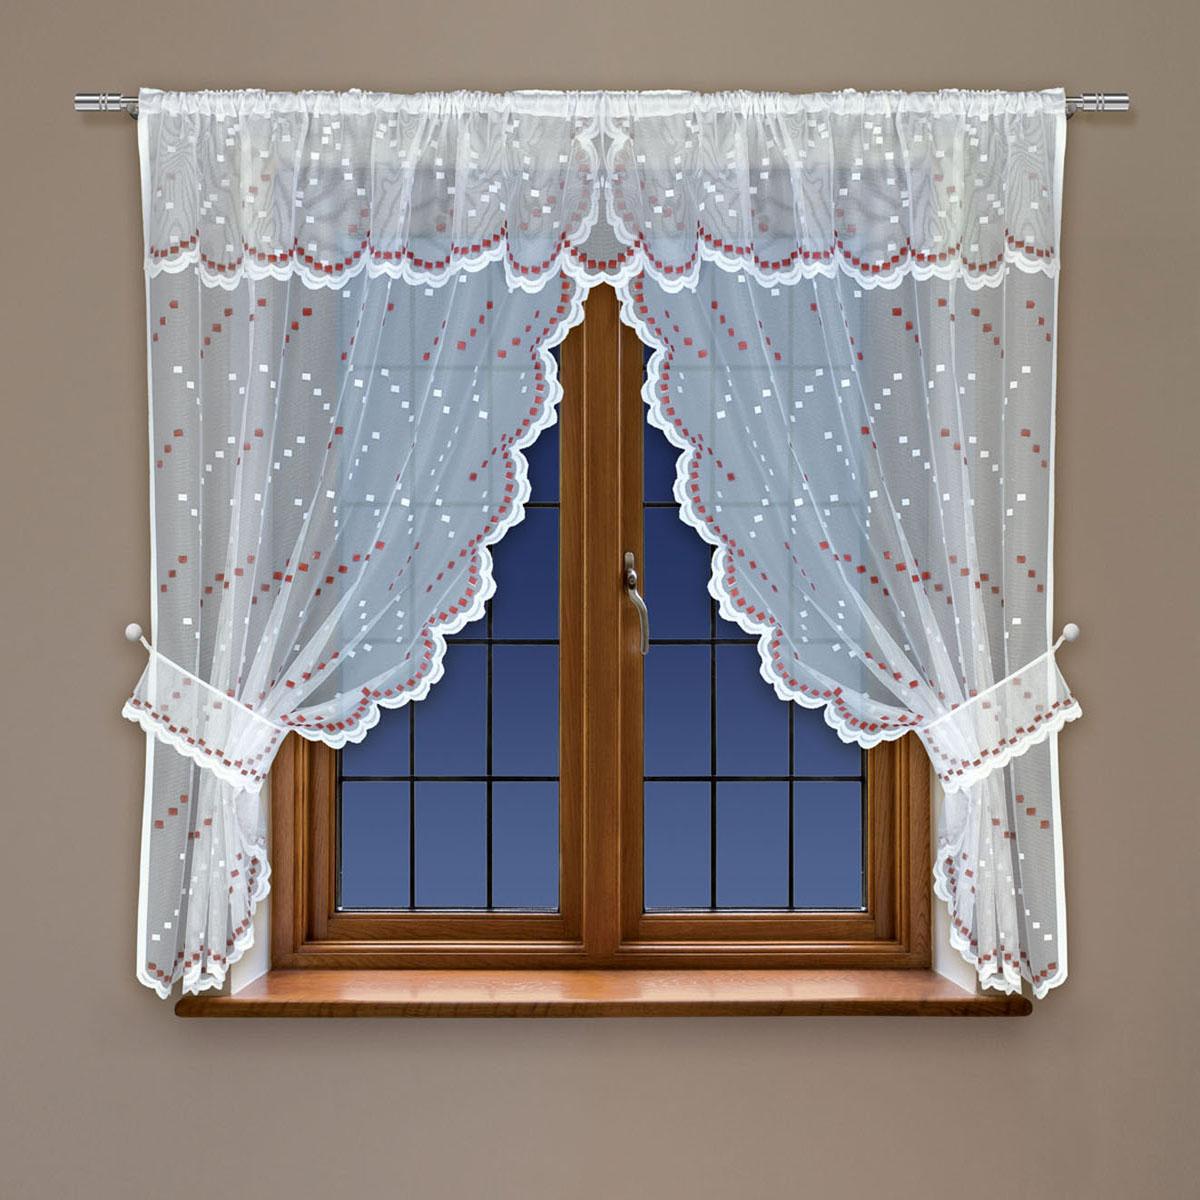 Гардина Haft, на кулиске, цвет: белый, красный, высота 115 см. 22841088872Воздушная гардина Haft, выполненная из полиэстера, великолепно украсит любое окно.Изделие имеет оригинальный дизайн и органично впишется в интерьер помещения.Гардина крепится на карниз при помощи кулиски.